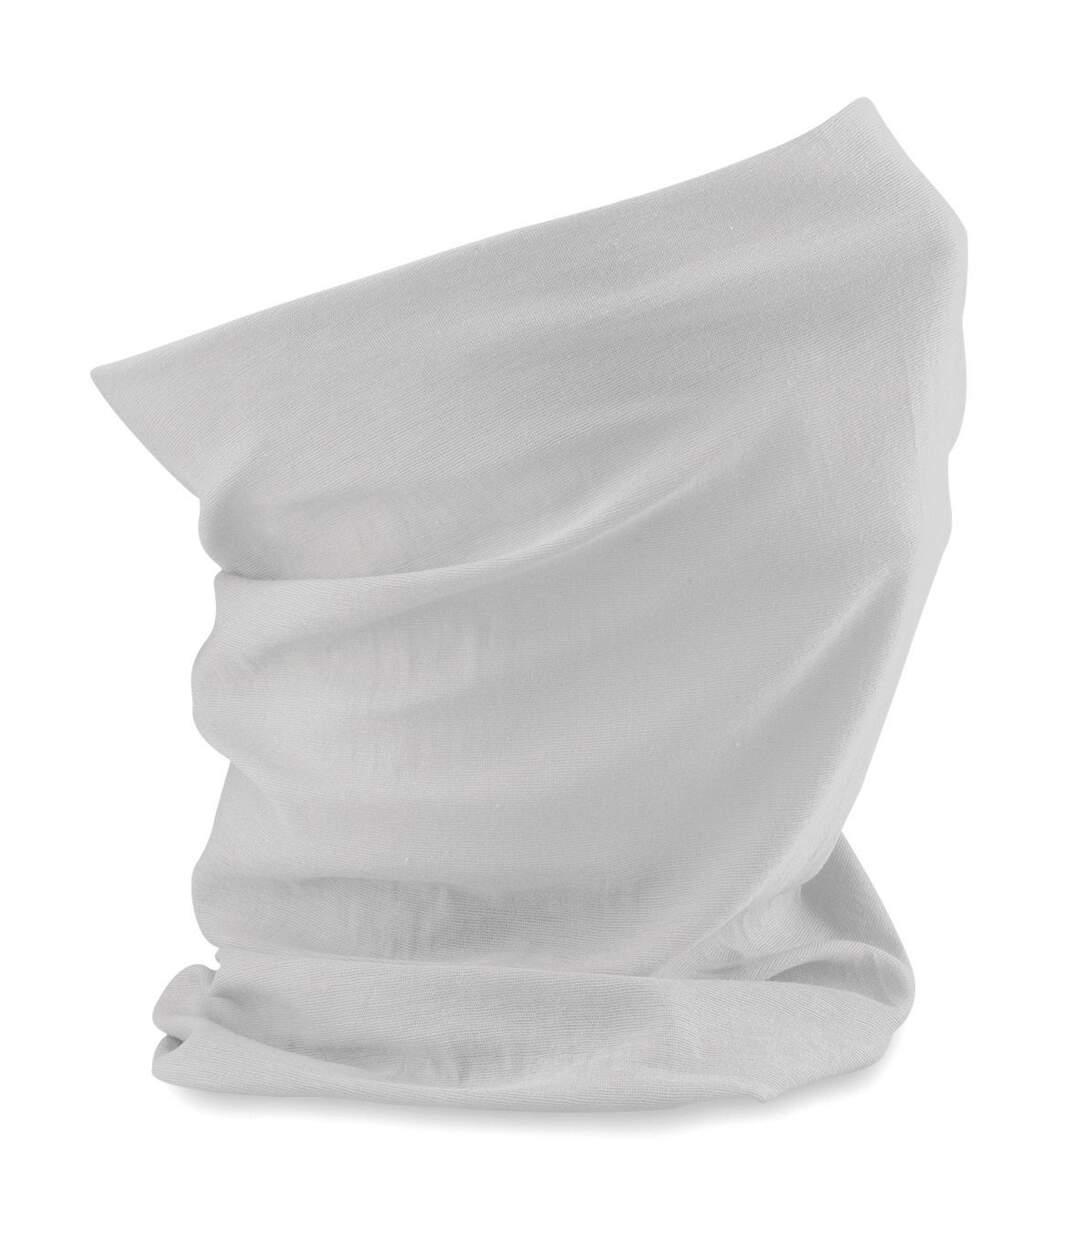 Echarpe tubulaire - tour de cou adulte - B900 - gris clair